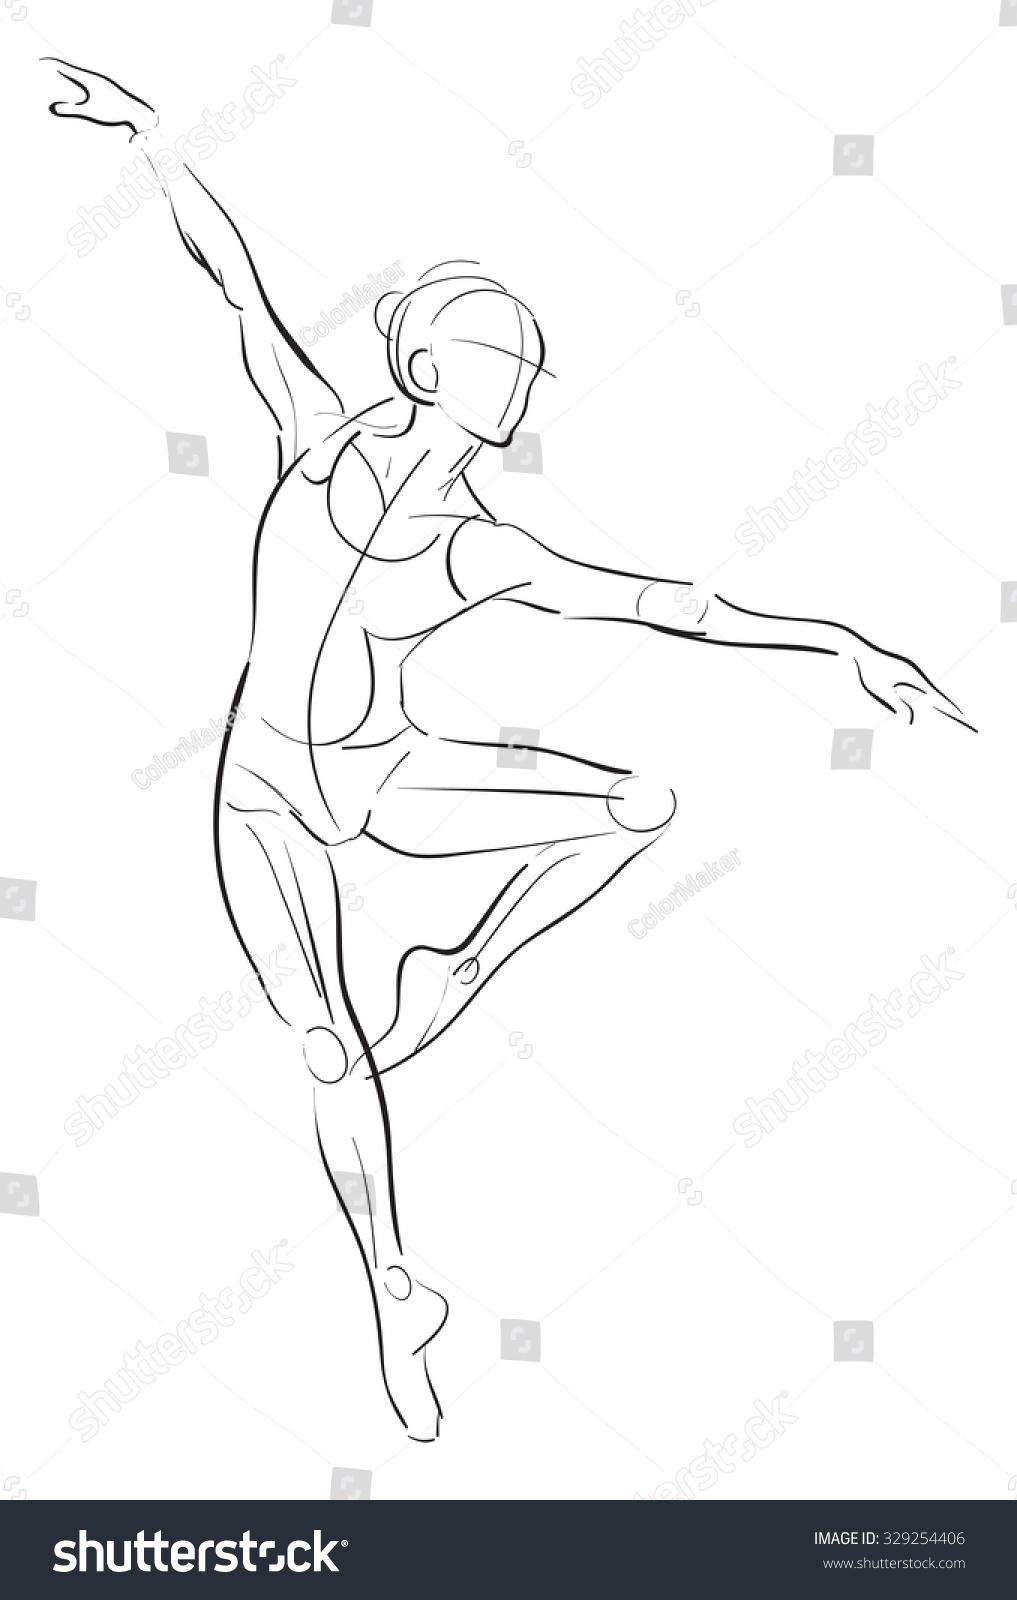 Free Hand Digital Tablet Drawing Illustration Stock Illustration